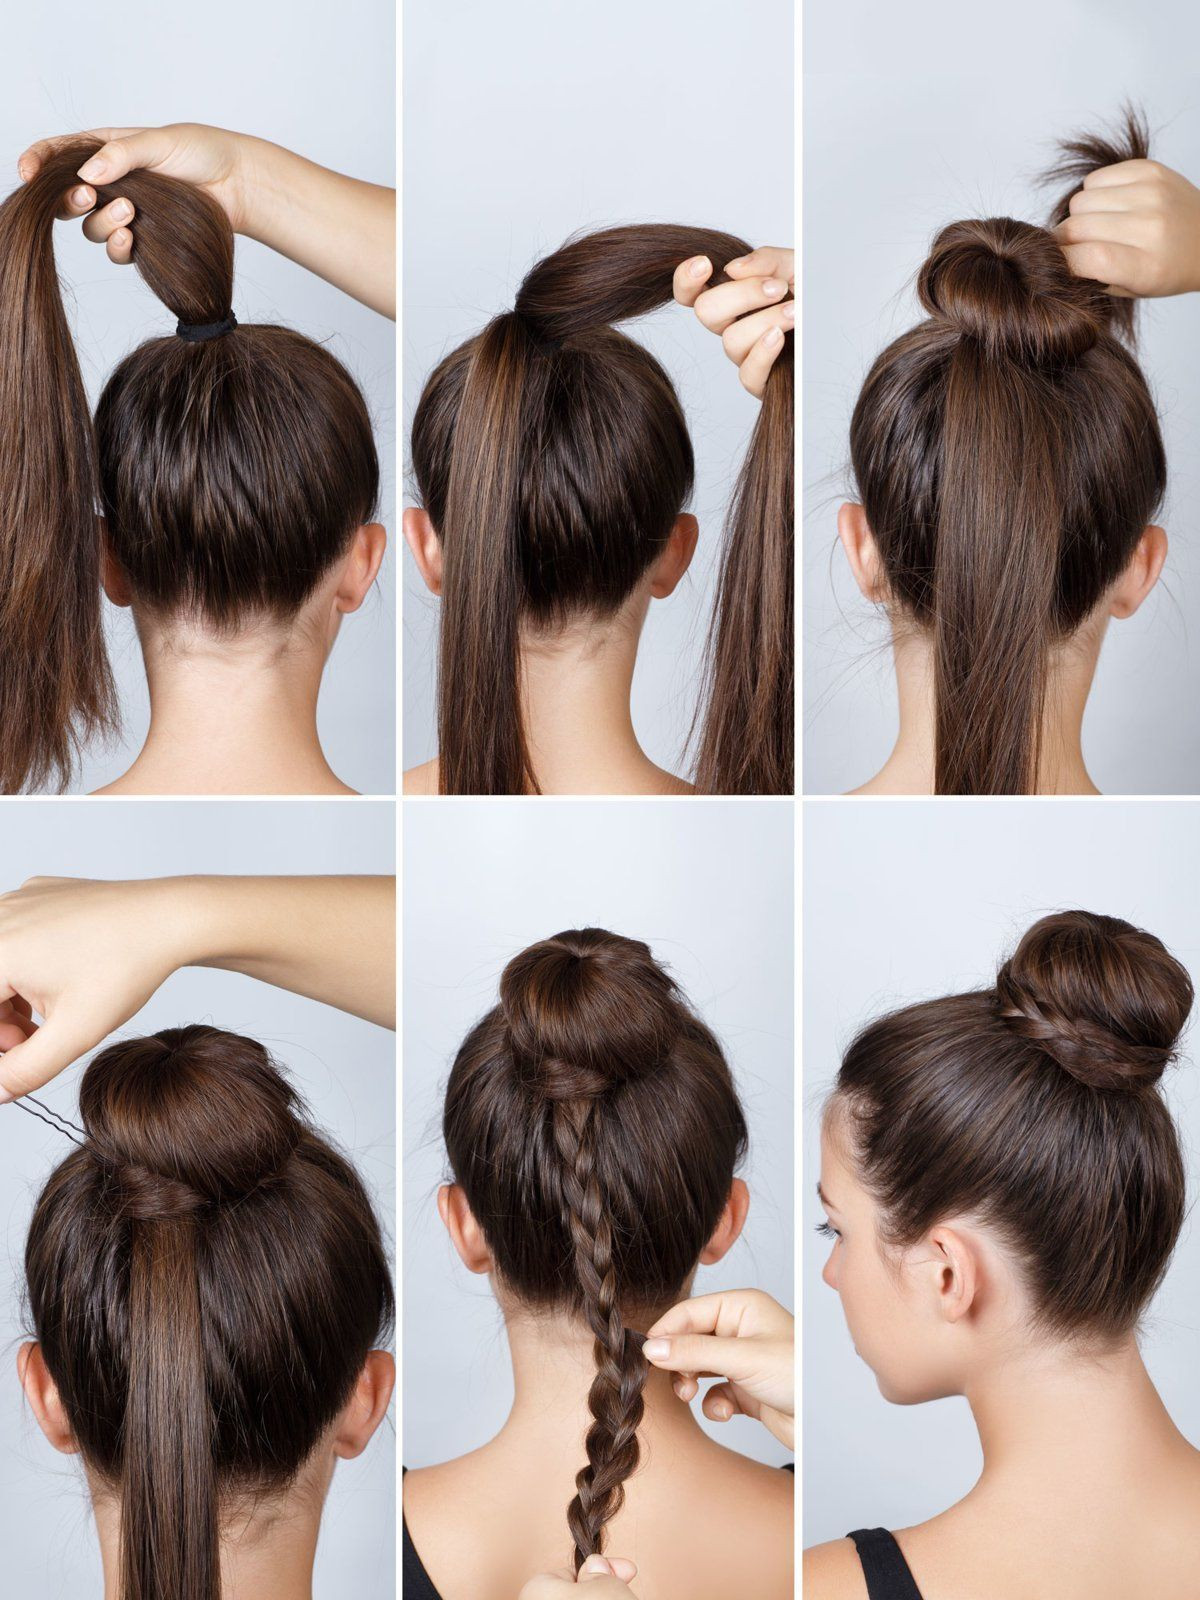 Easy Frisuren  Top 16 Easy Frisuren Fashiotopia